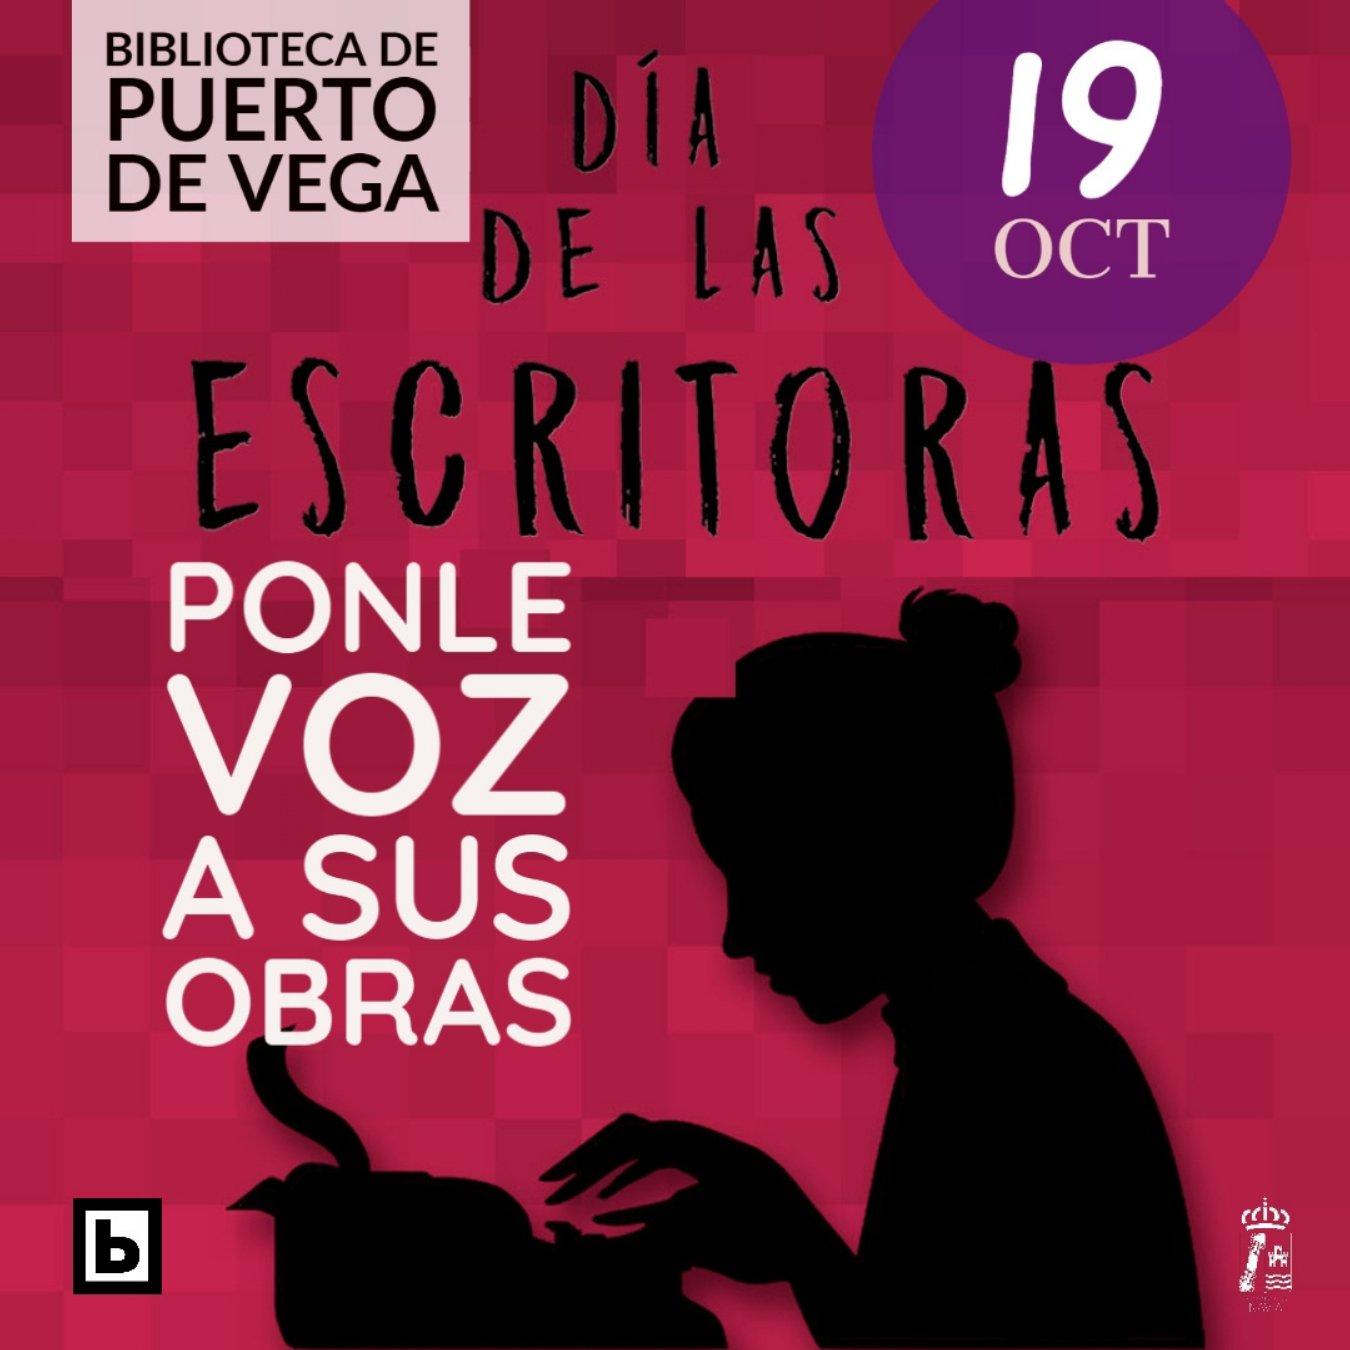 La Biblioteca de Puerto de Vega se suma a la celebración del Día de las Escritoras